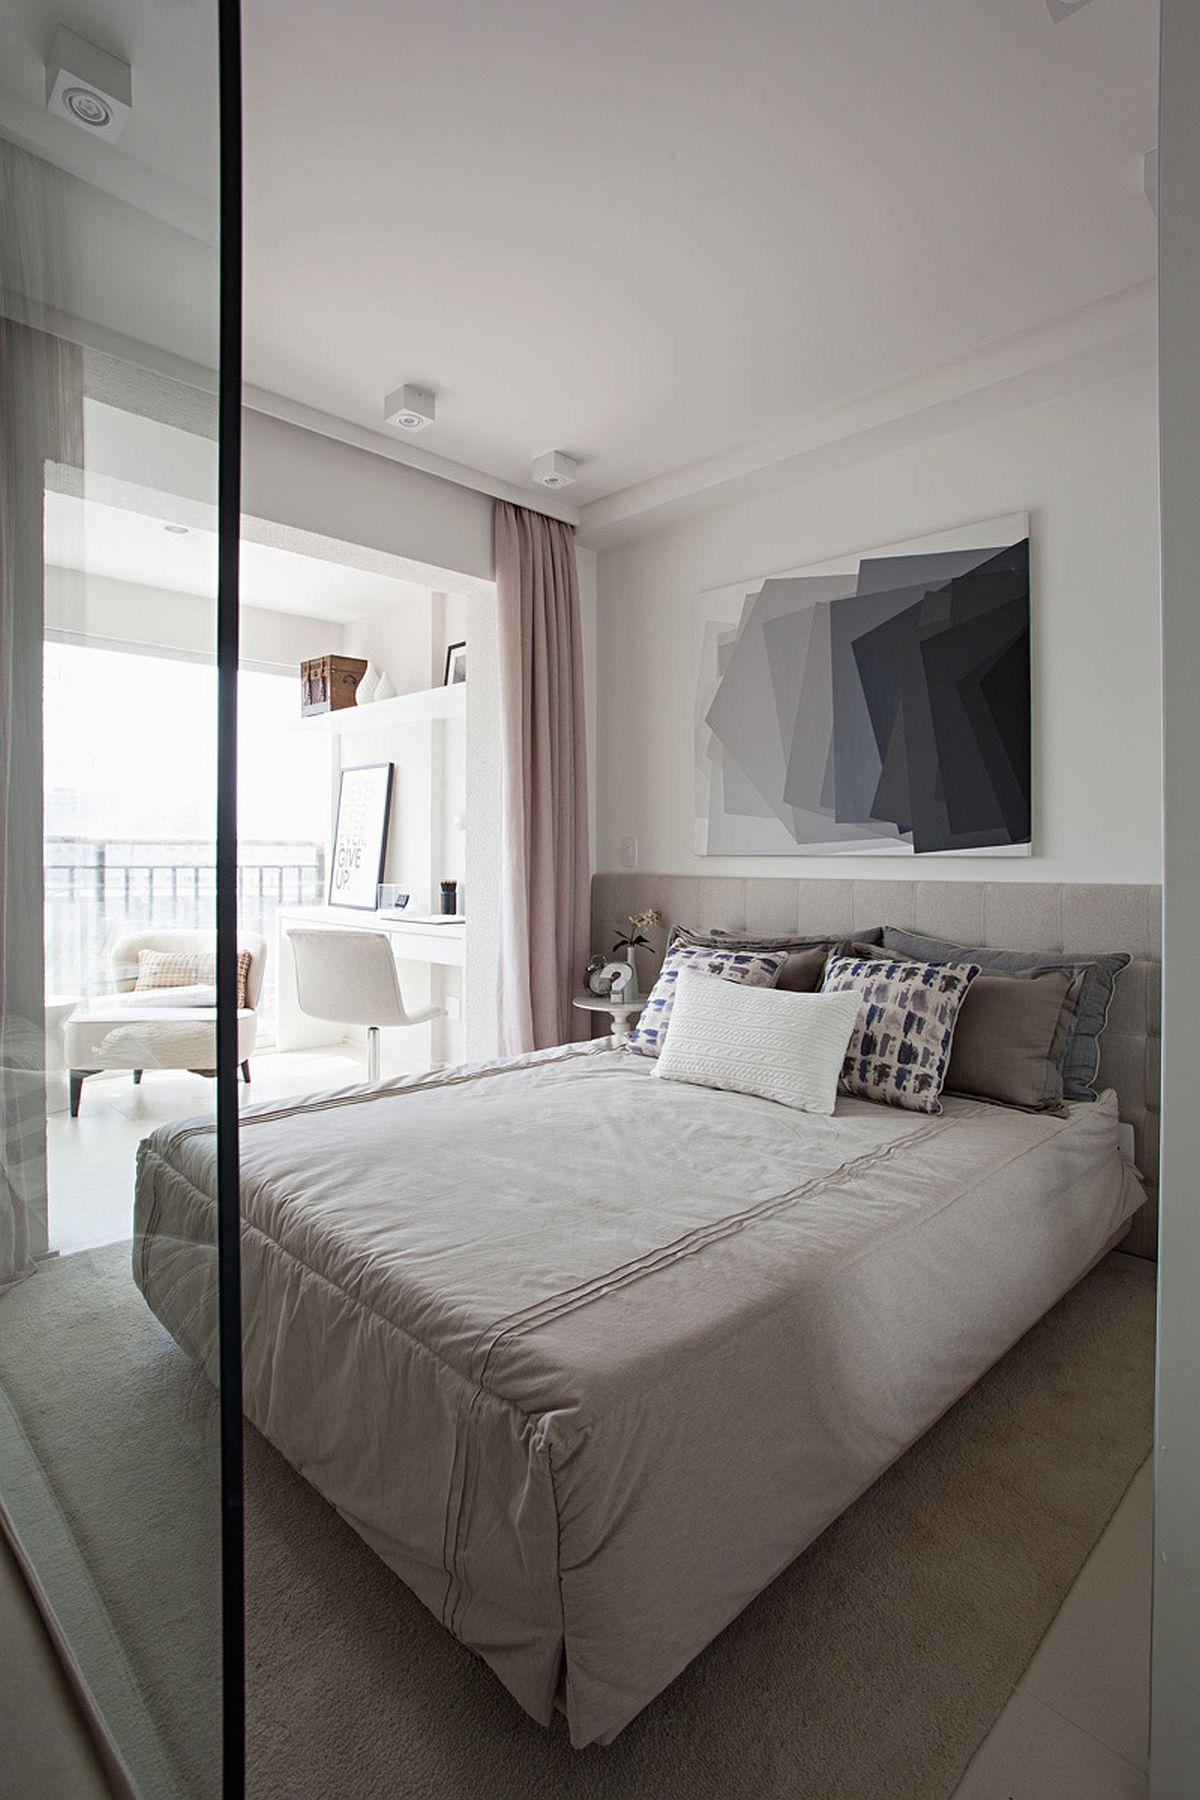 Zona de pat este gândită sp fie confortabilă și cu loc pe lîngă pat de jur împrejurul acestuia. Un tablou bine ales atrage privirea.